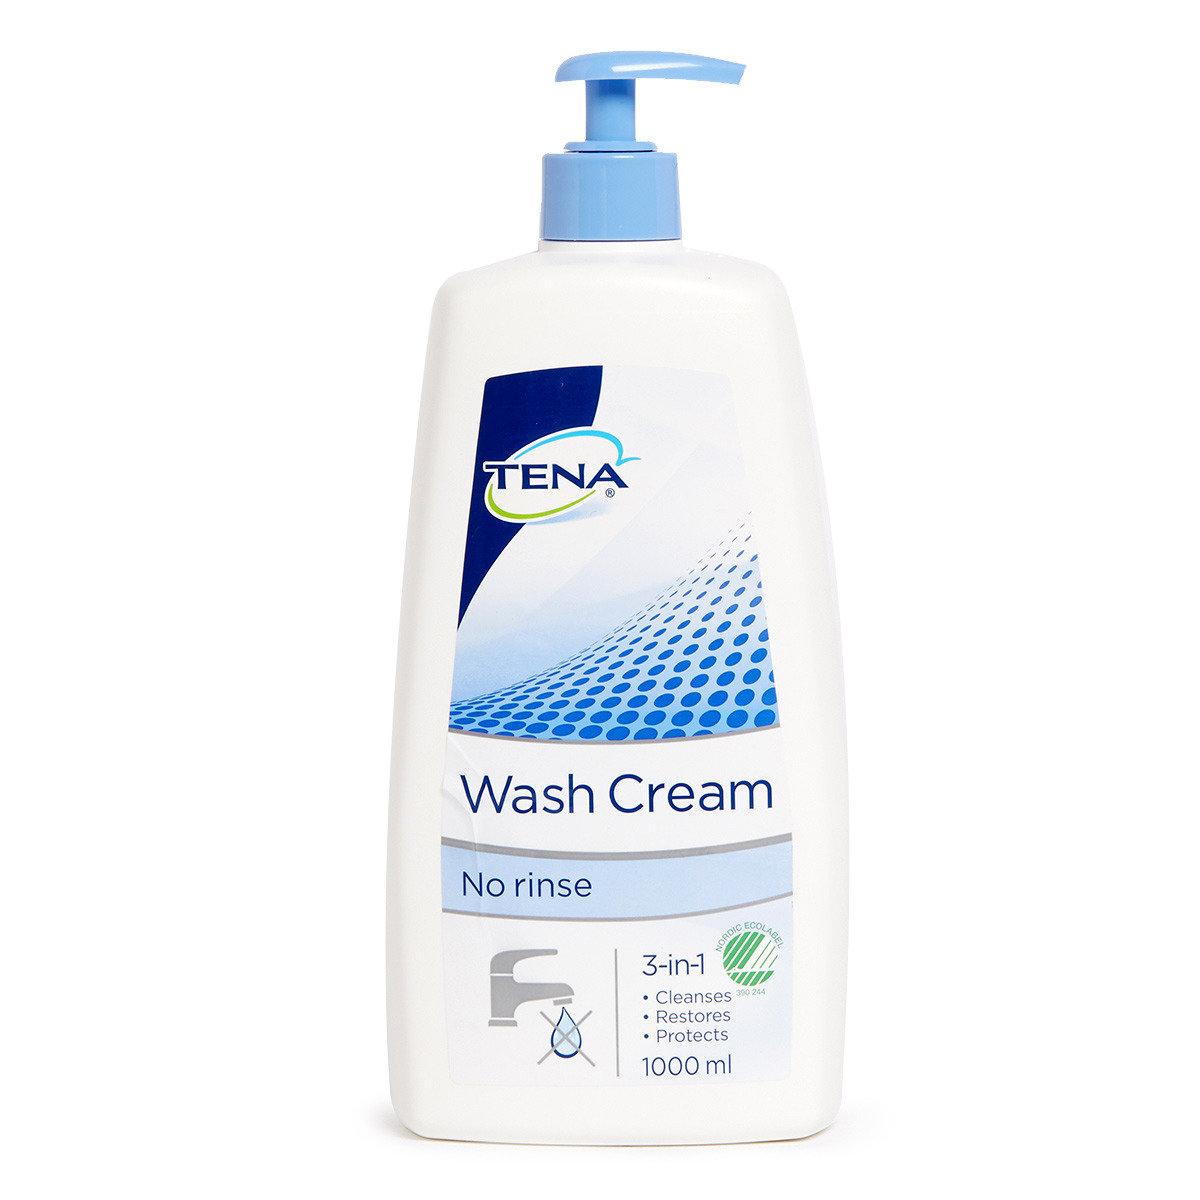 潔淨乾洗液